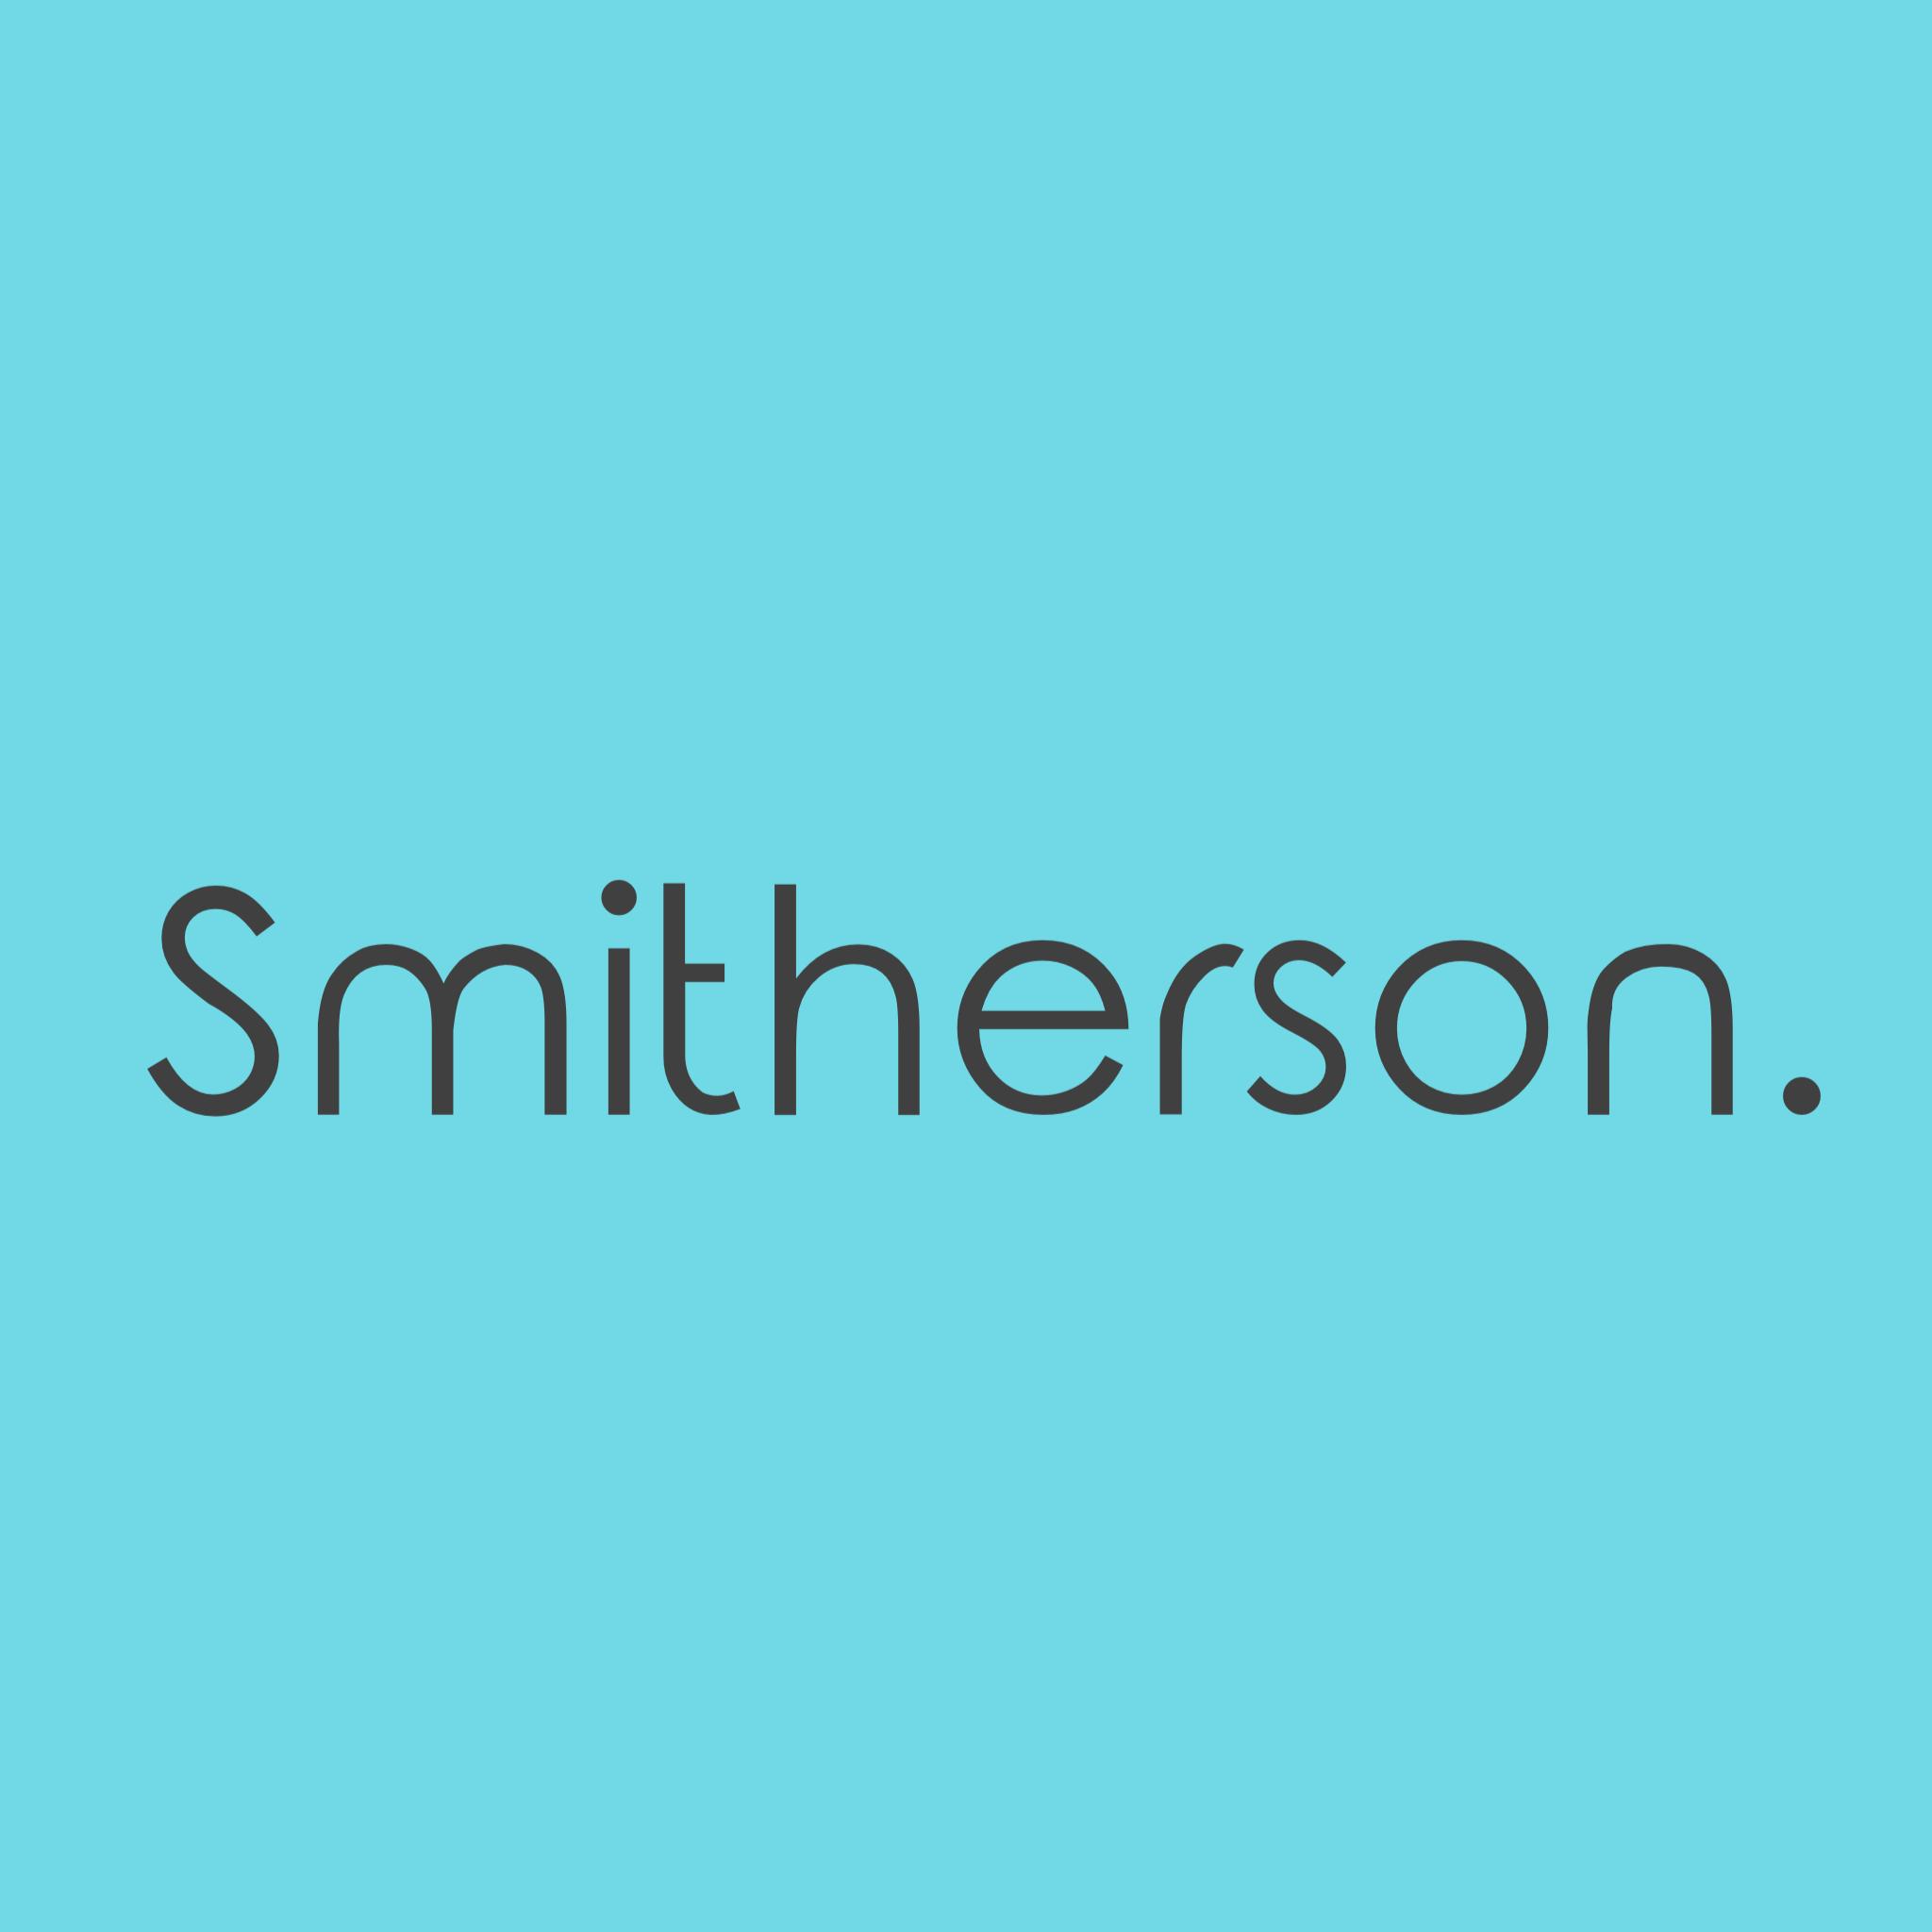 Smitherson., Redland Bay, 4165